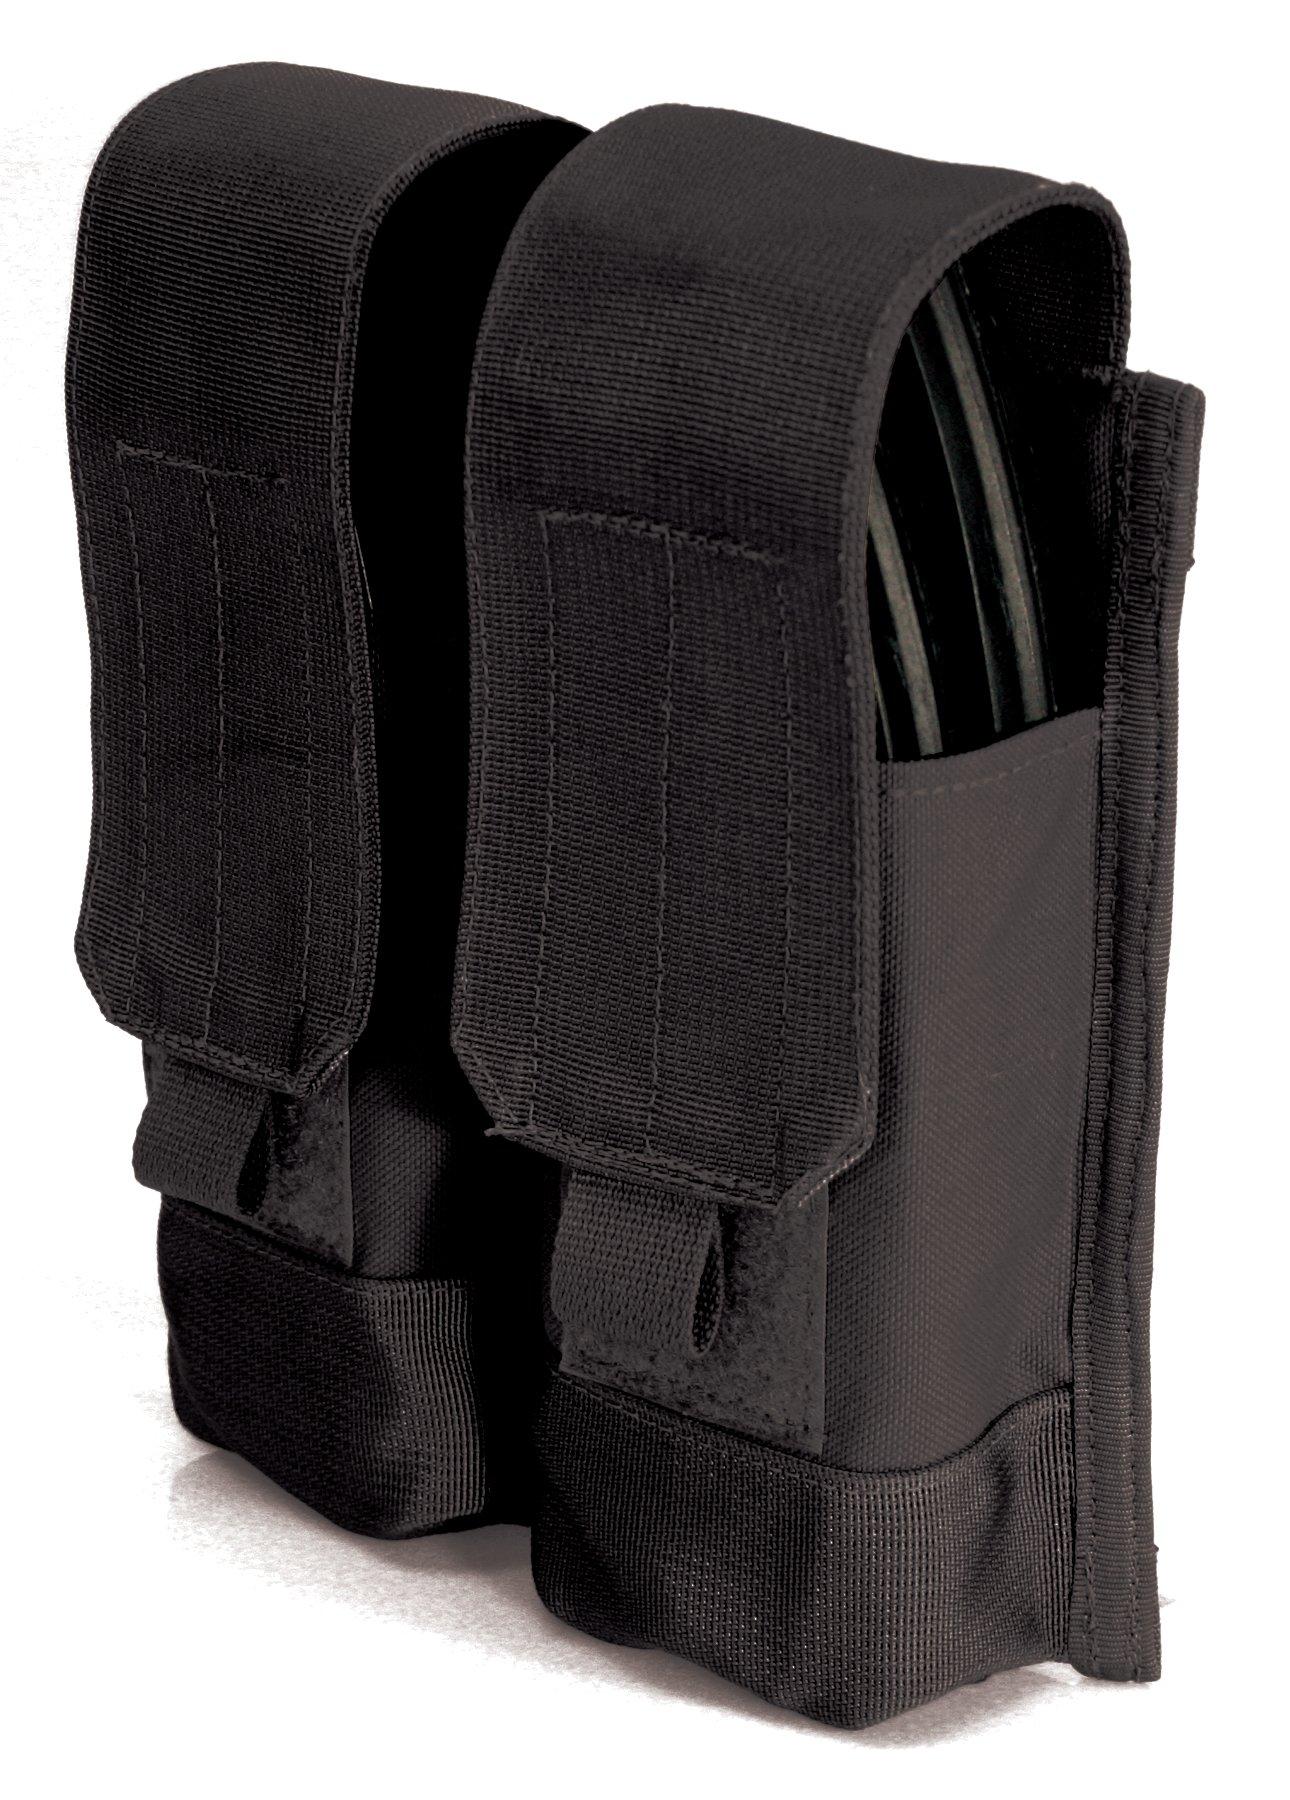 BLACKHAWK S.T.R.I.K.E. AK 47 Double Mag Pouch (Holds 4)